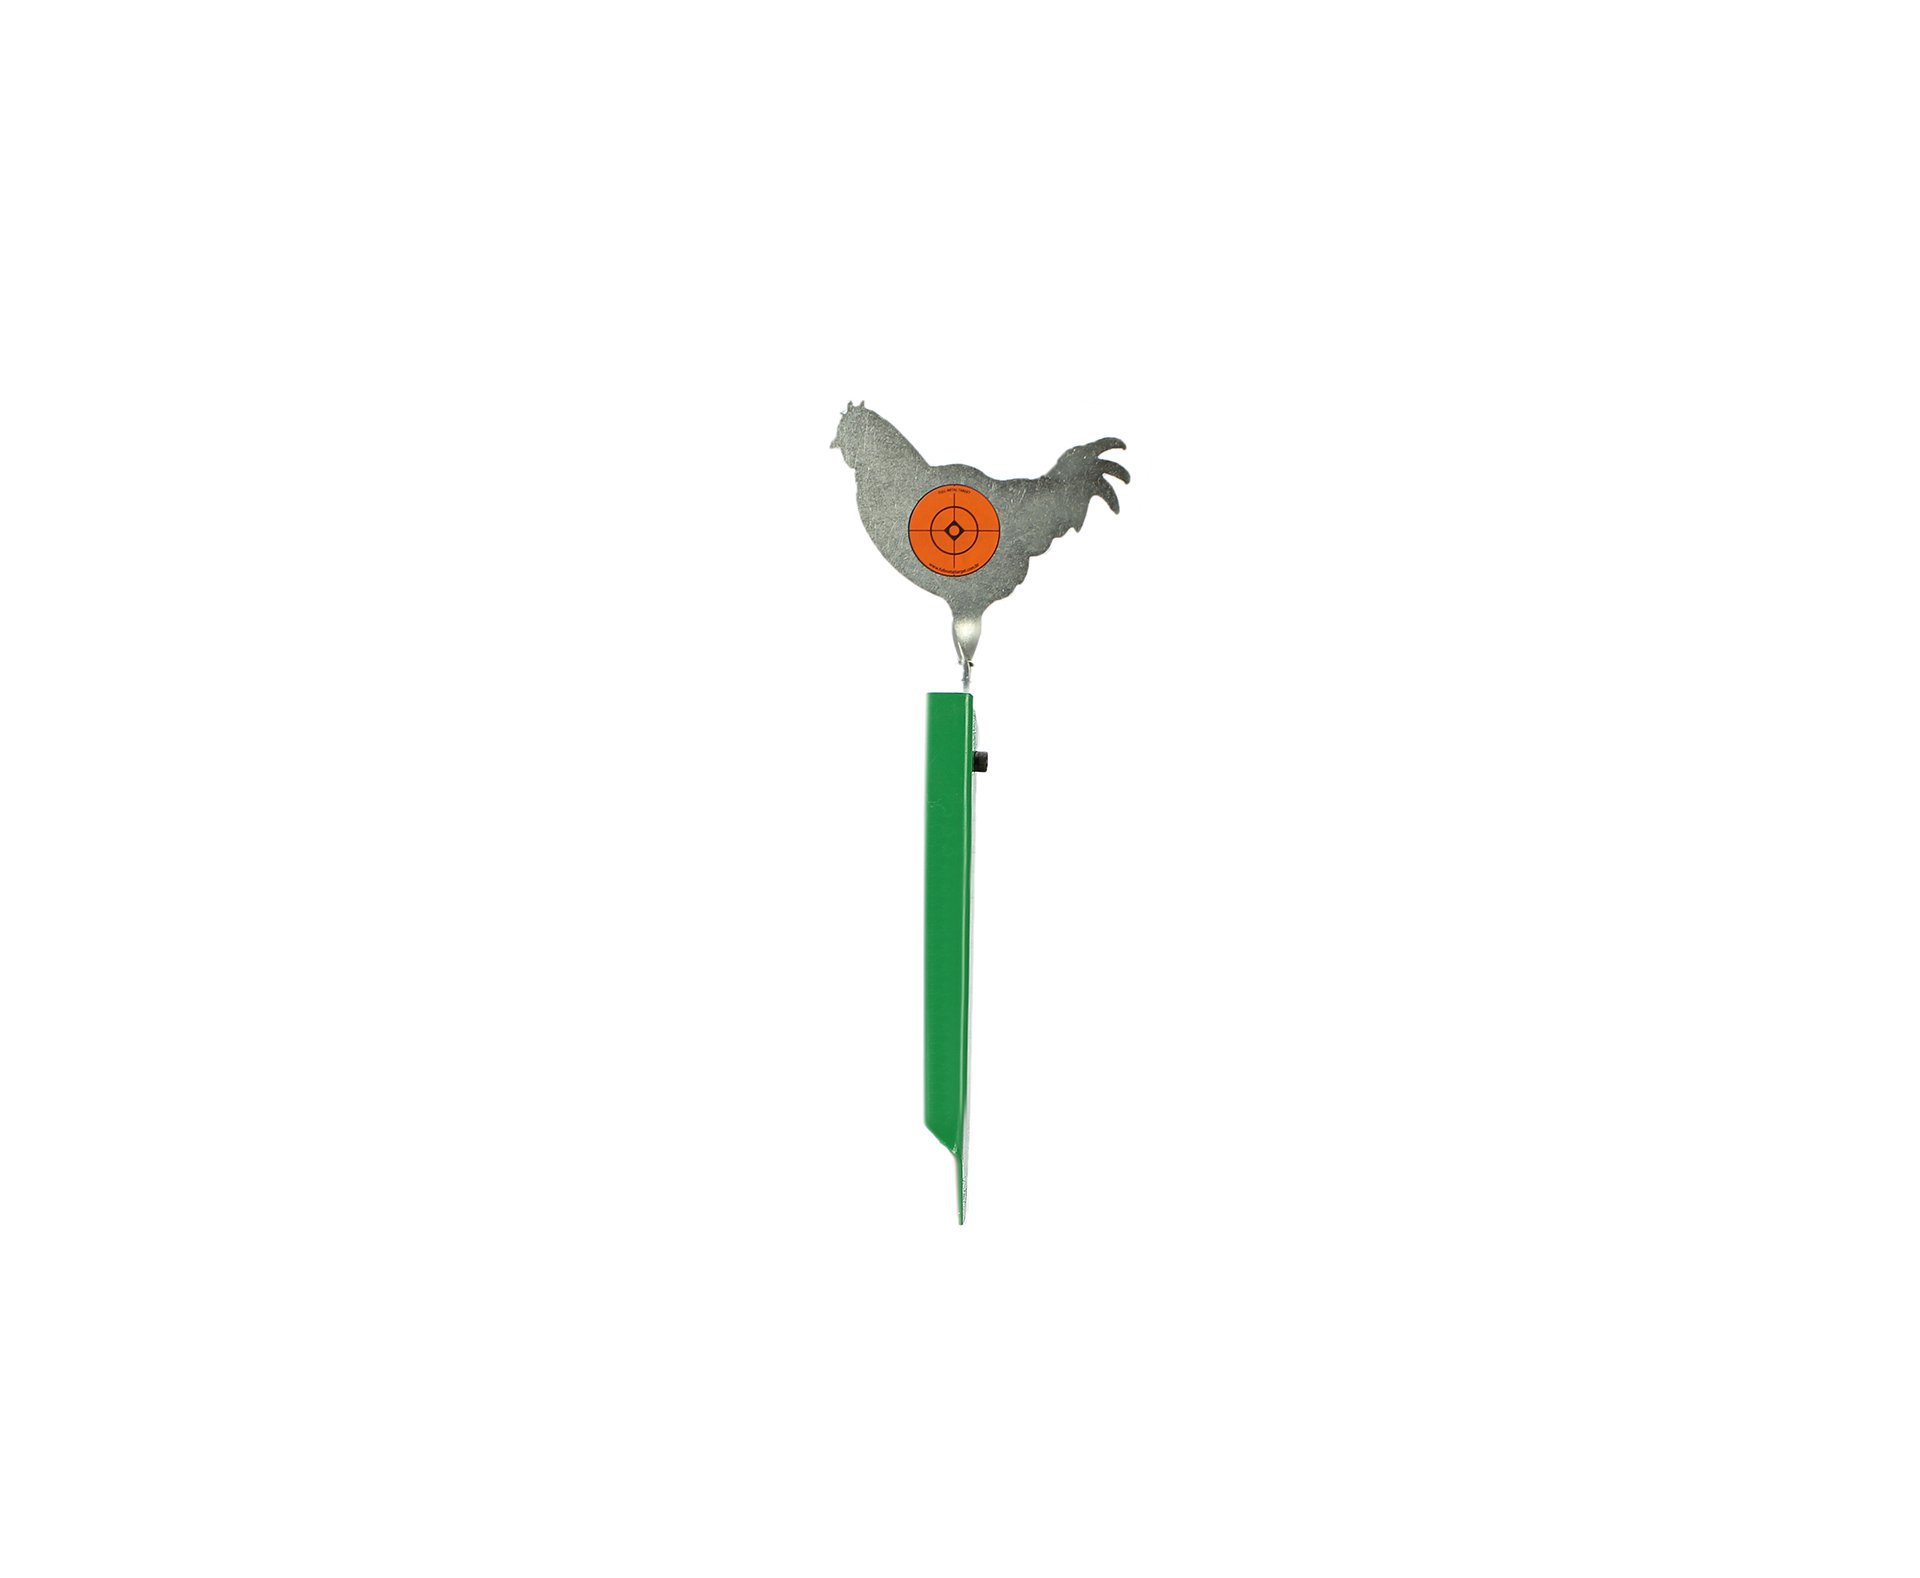 Alvo Plinking 1 Pêndulo Galo De Fixar No Solo - Full Metal